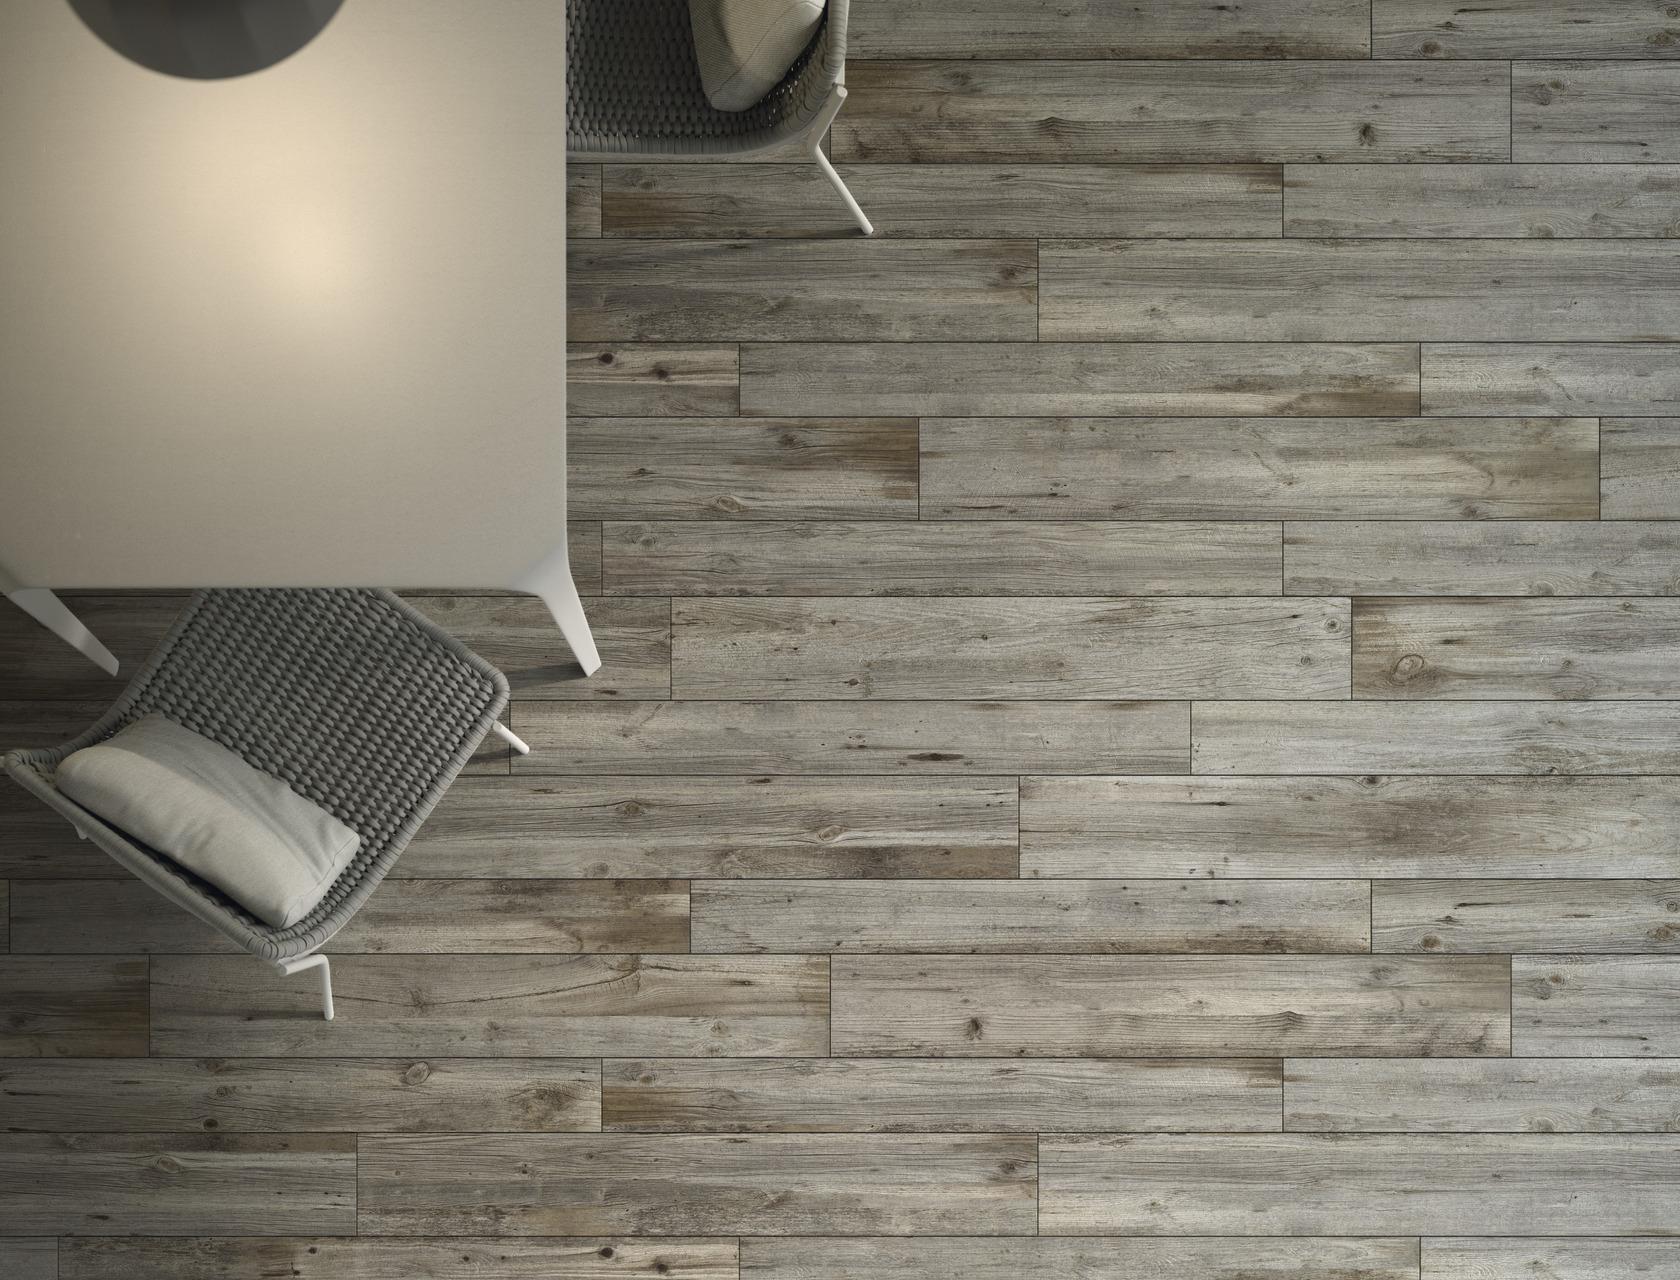 Quercia petraea piastrelle in grandi formati effetto legno for Gres porcellanato effetto legno grigio